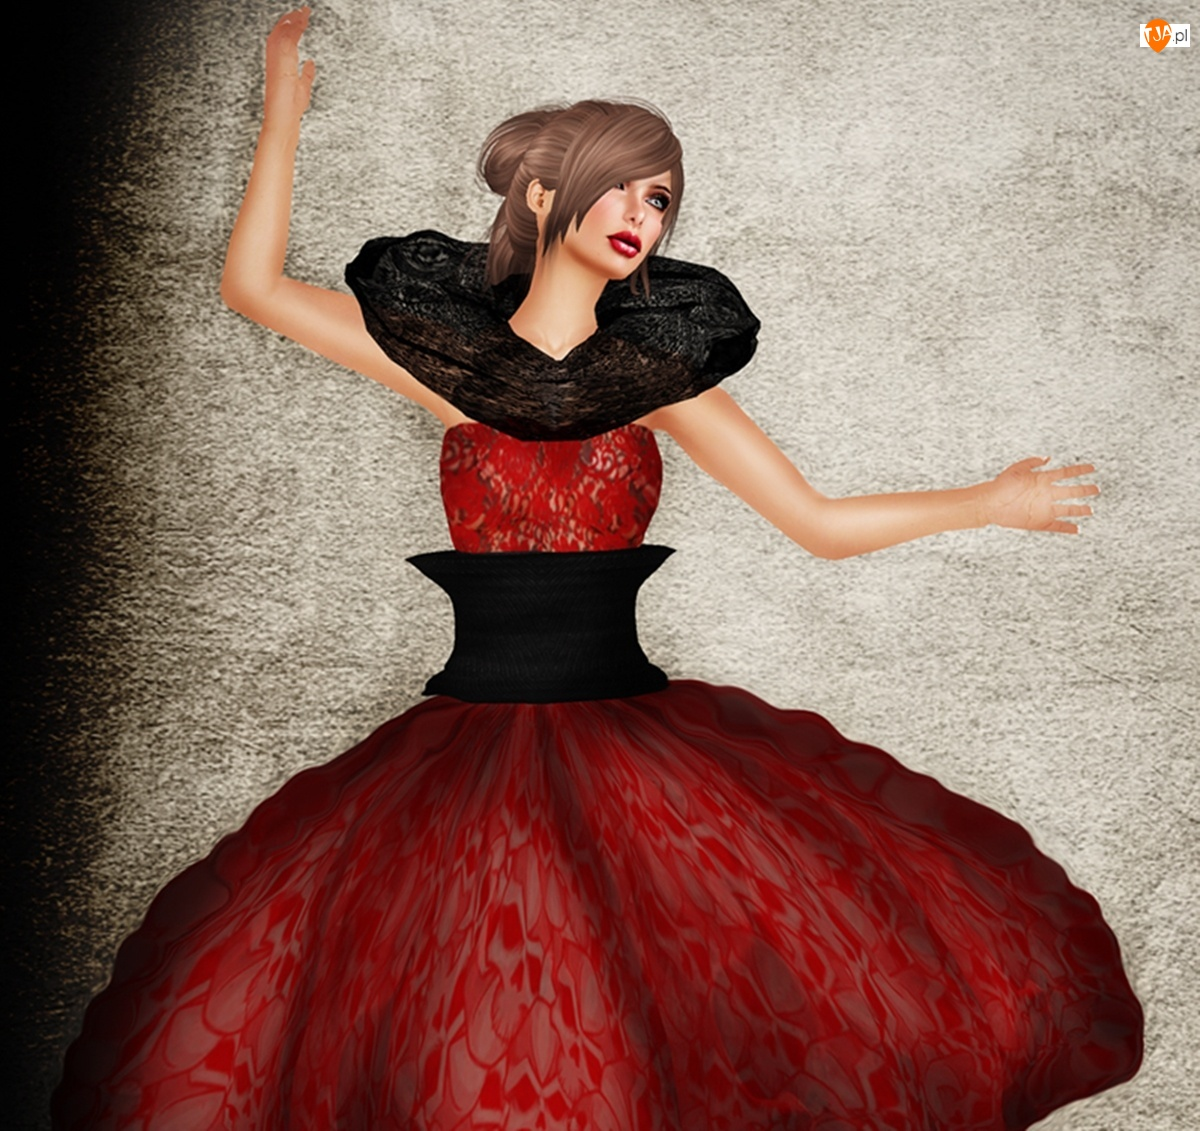 Grafika, Kobieta, Suknia, Czerwona, Taniec